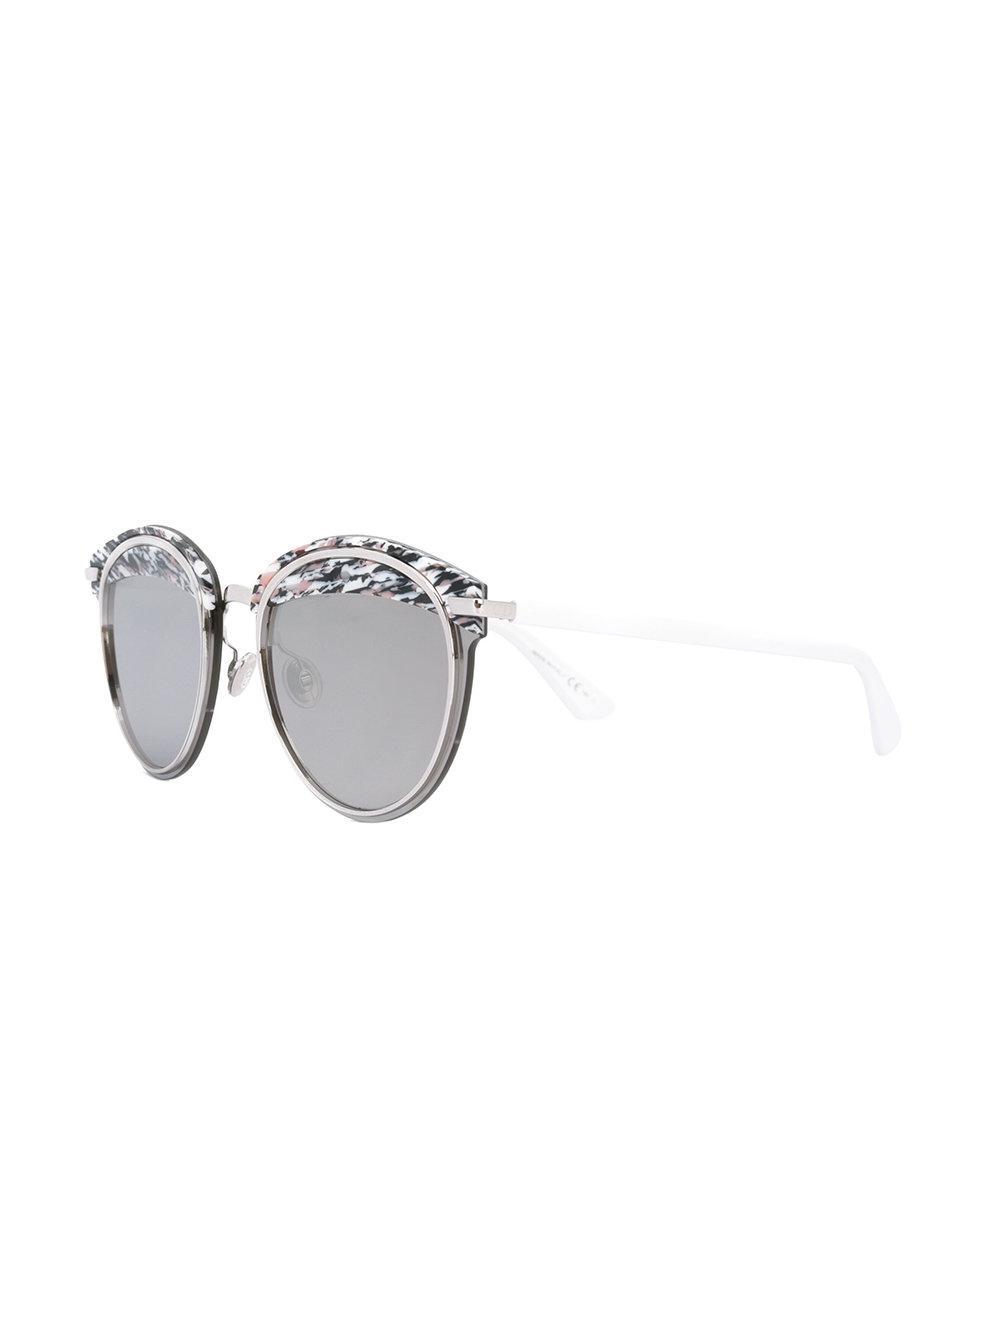 Lunettes Lunettes Lunettes Rondes En Blanc Dior Coloris Lyst De Soleil  Td8wTqt 010e28f259ca